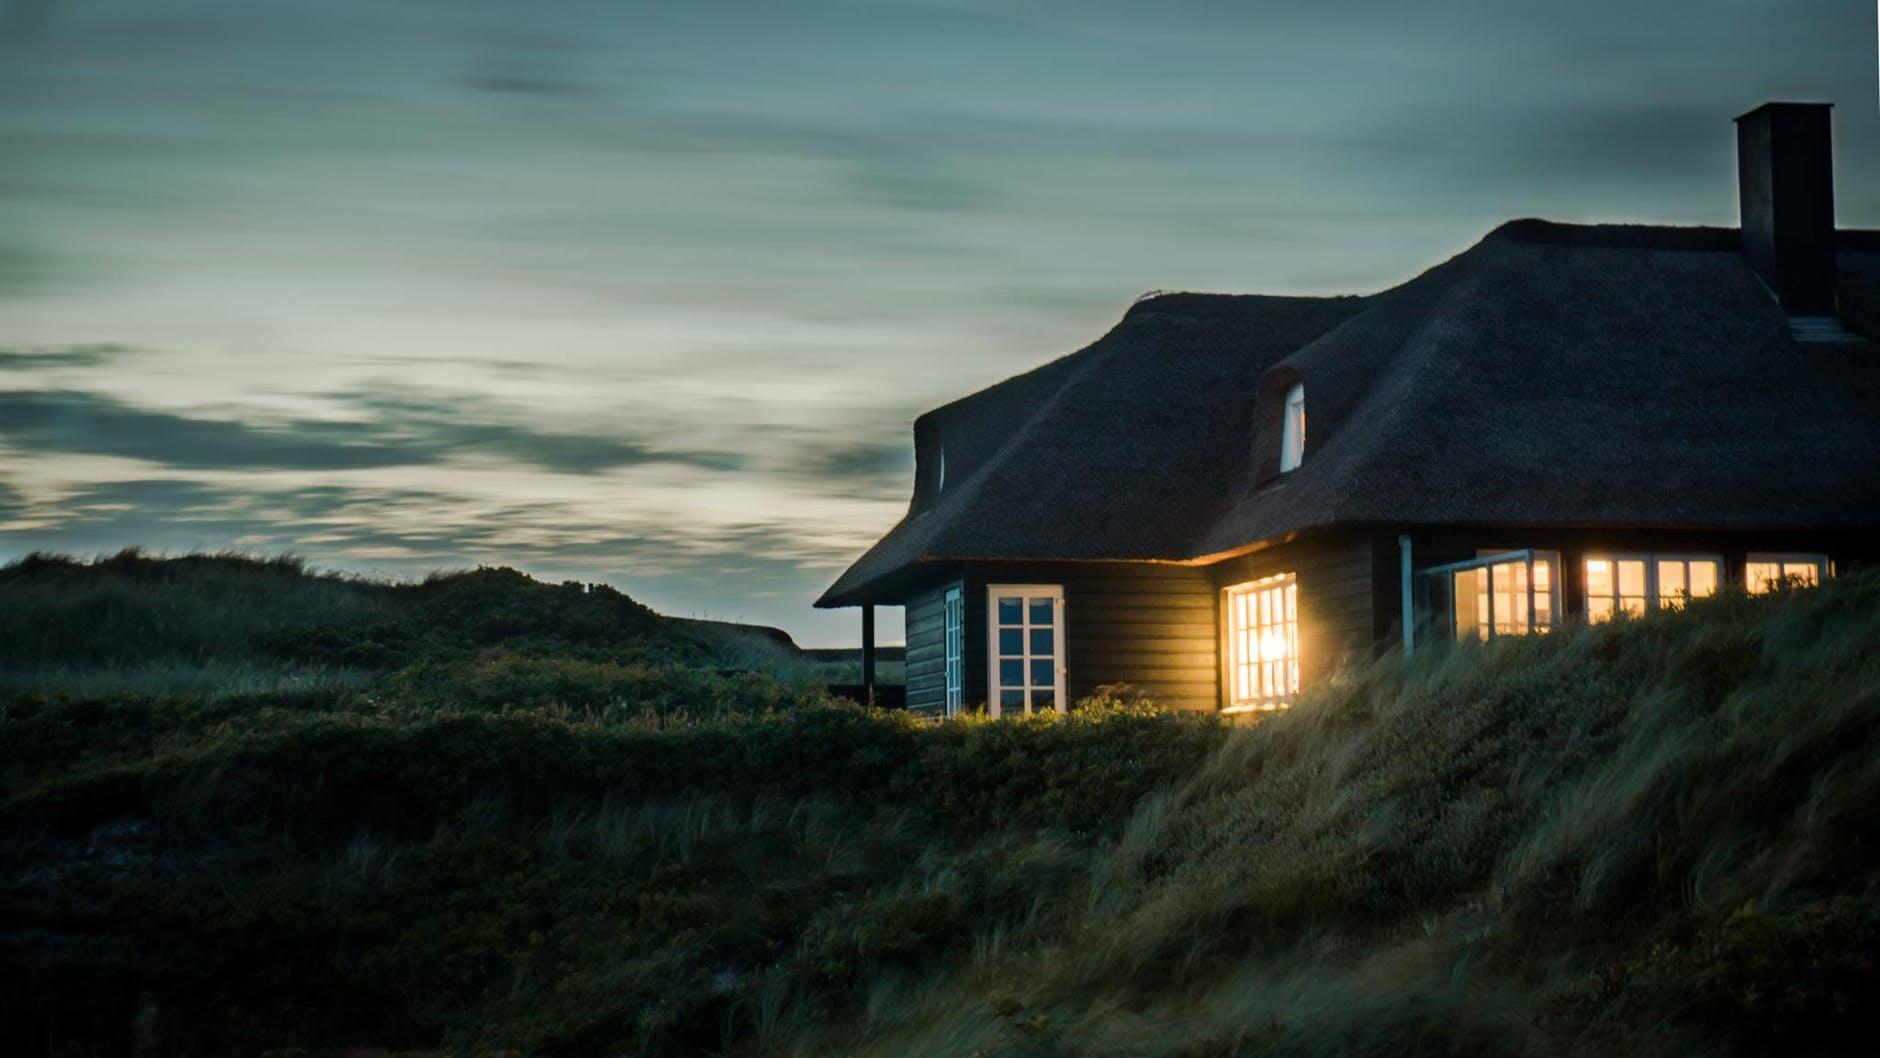 Vzimě udržují náš dům vteple, vlétě brání jeho přehřívání